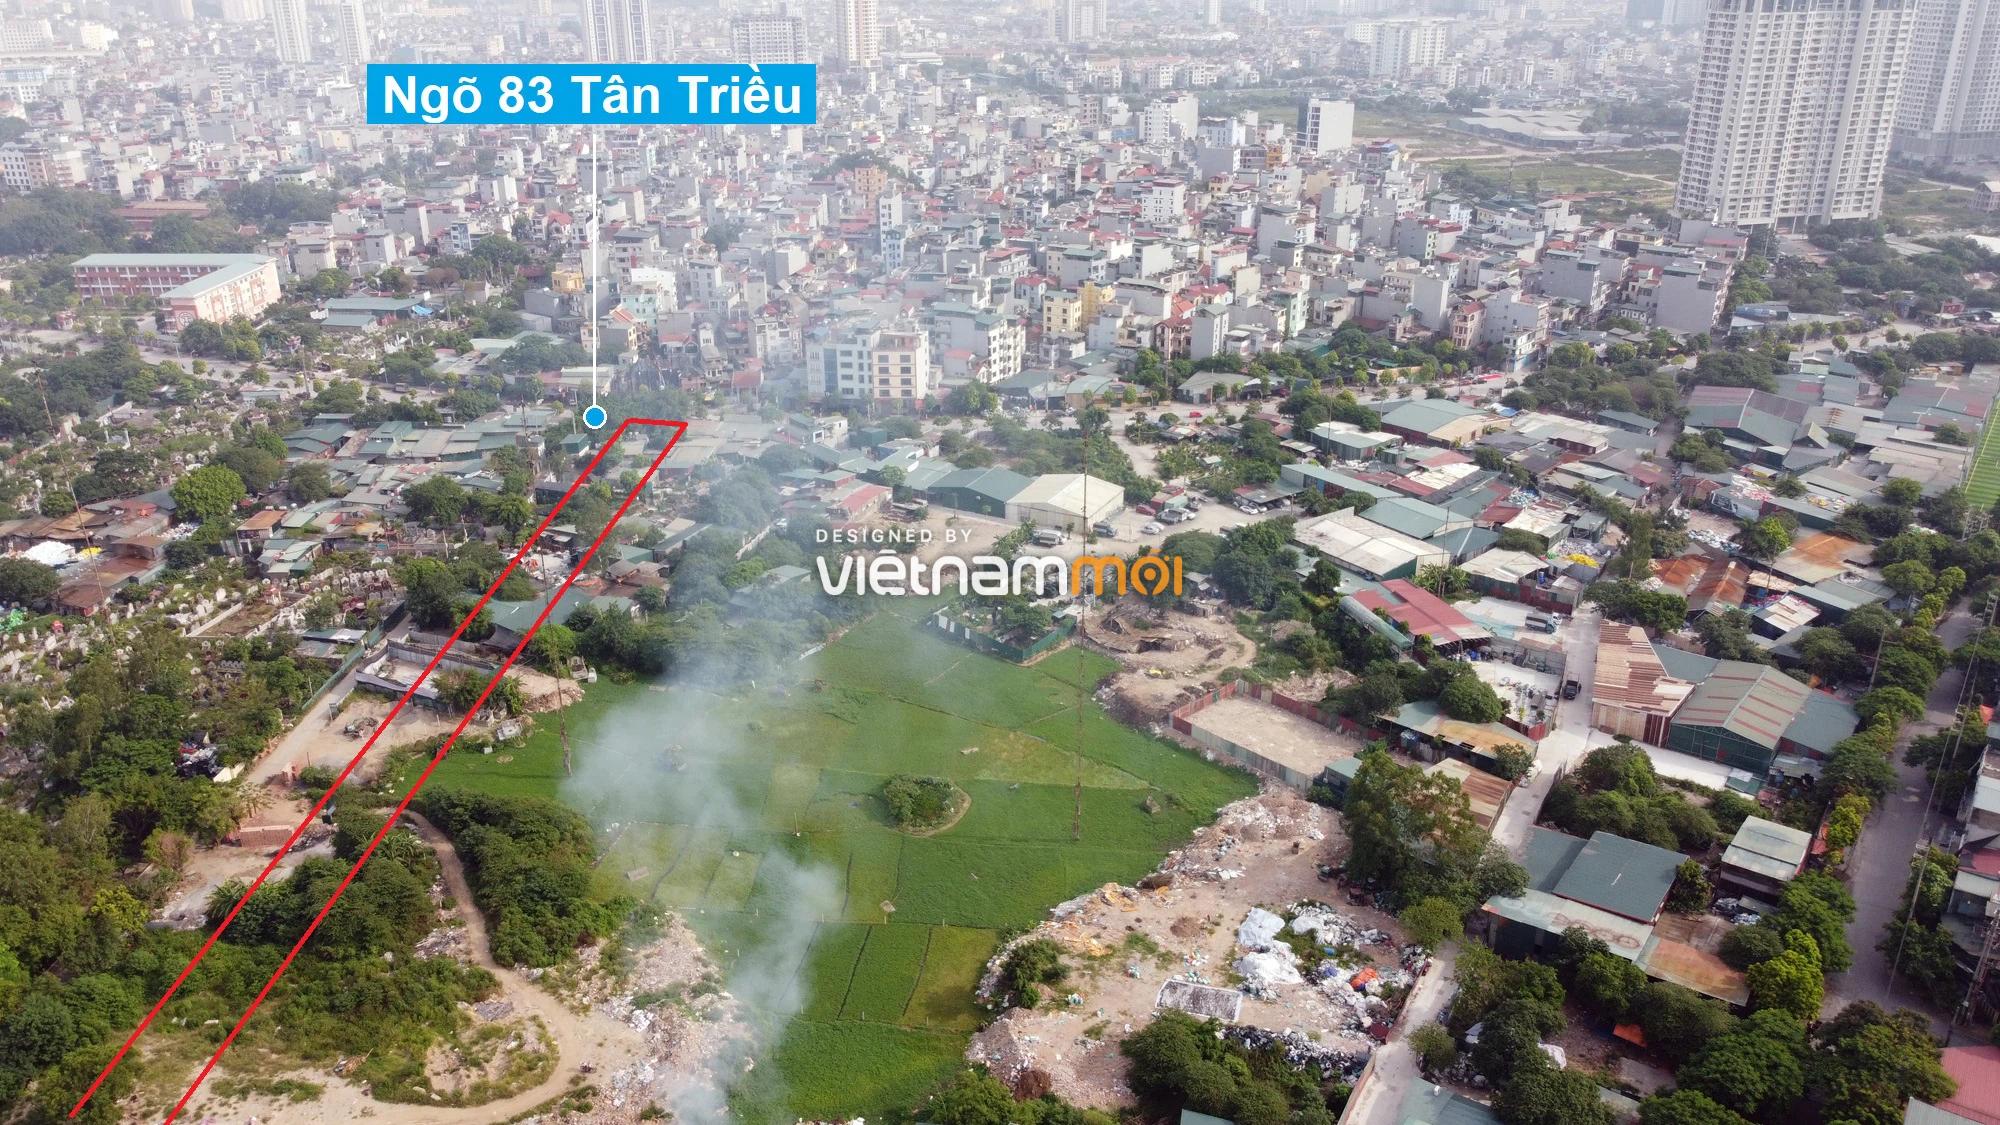 Những khu đất sắp thu hồi để mở đường ở xã Tân Triều, Thanh Trì, Hà Nội (phần 4) - Ảnh 6.